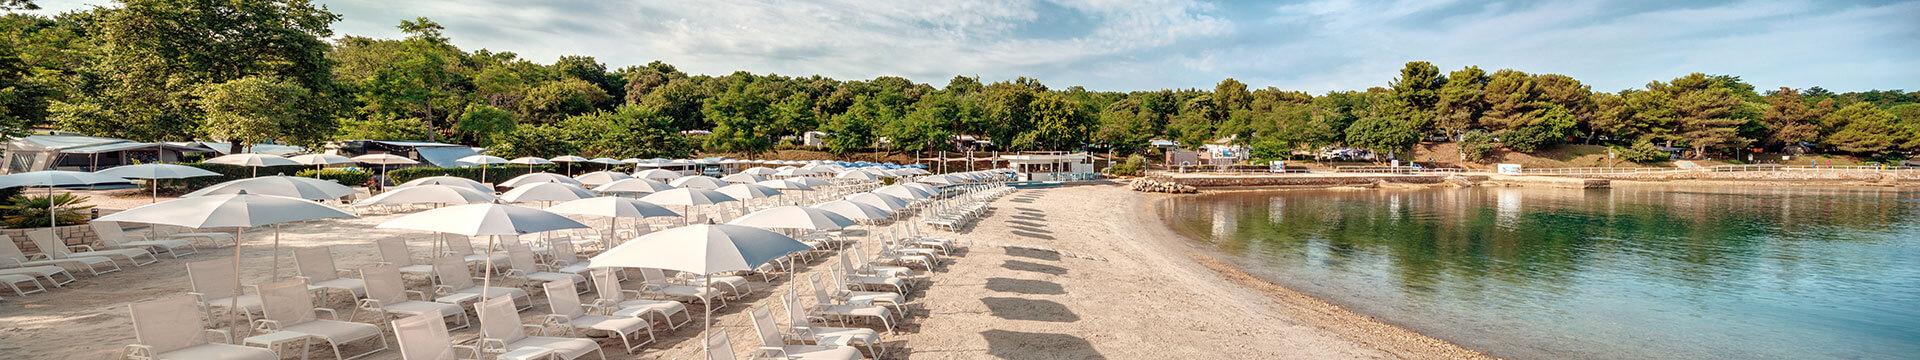 Nieuwigheden in 2016. – Camping Resort Lanterna